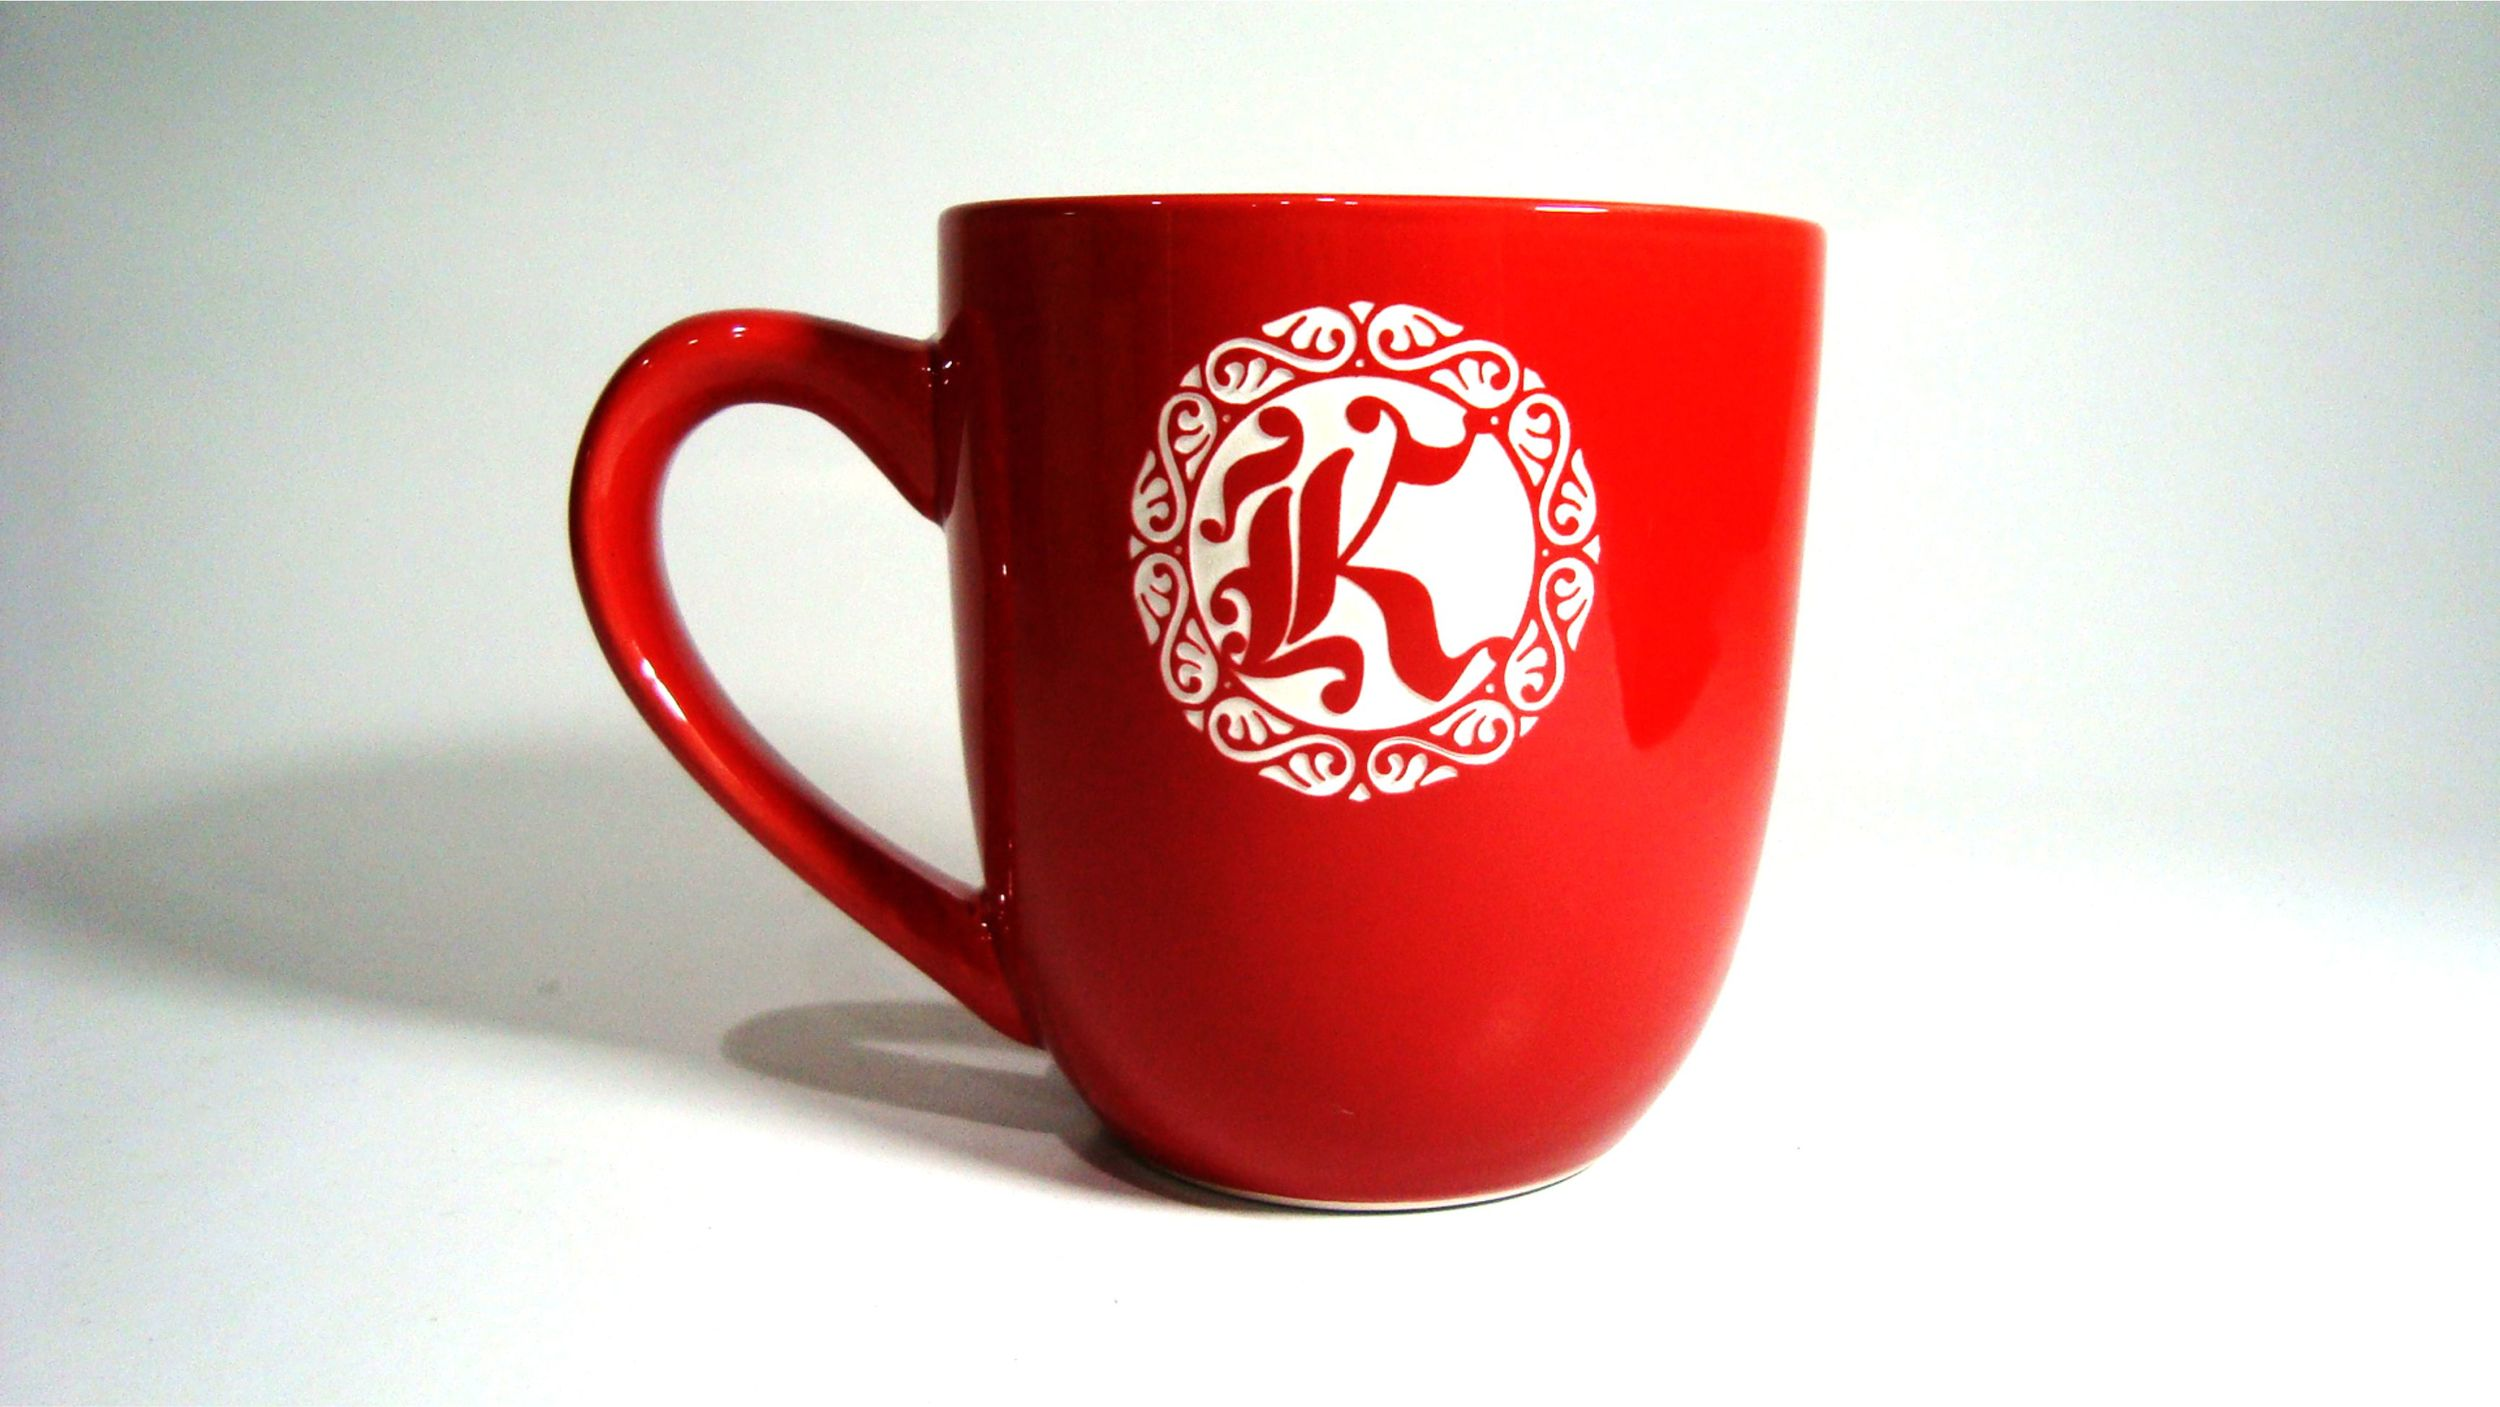 k mug.jpg